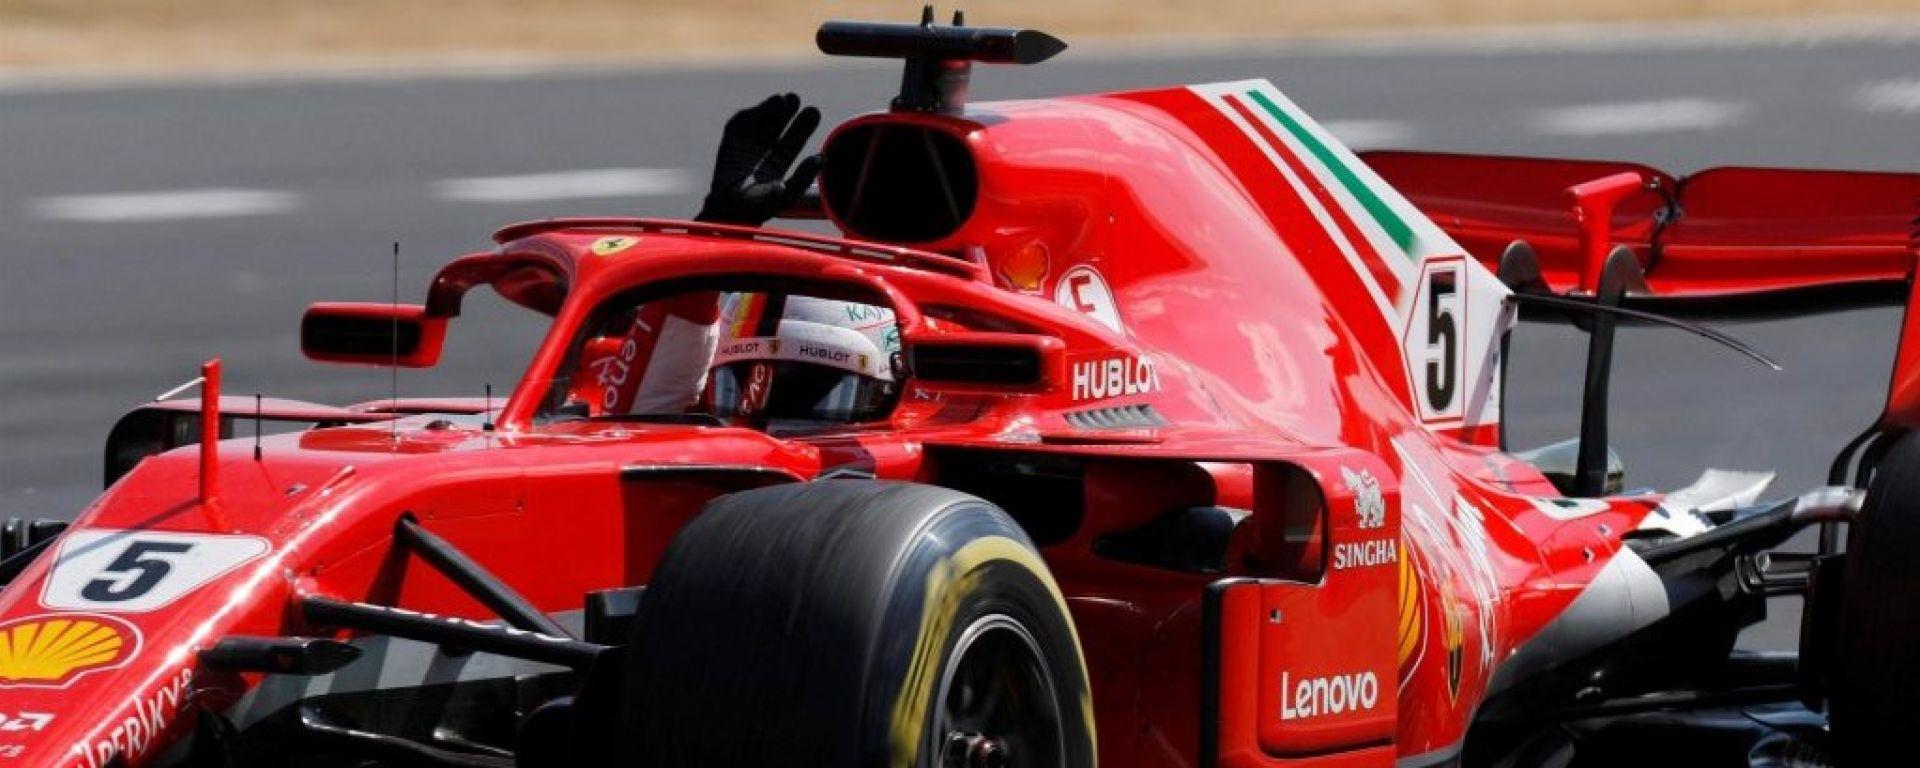 F1 2018, GP Ungheria: Vettel punta sulle UltraSoft, Hamilton sulle Soft